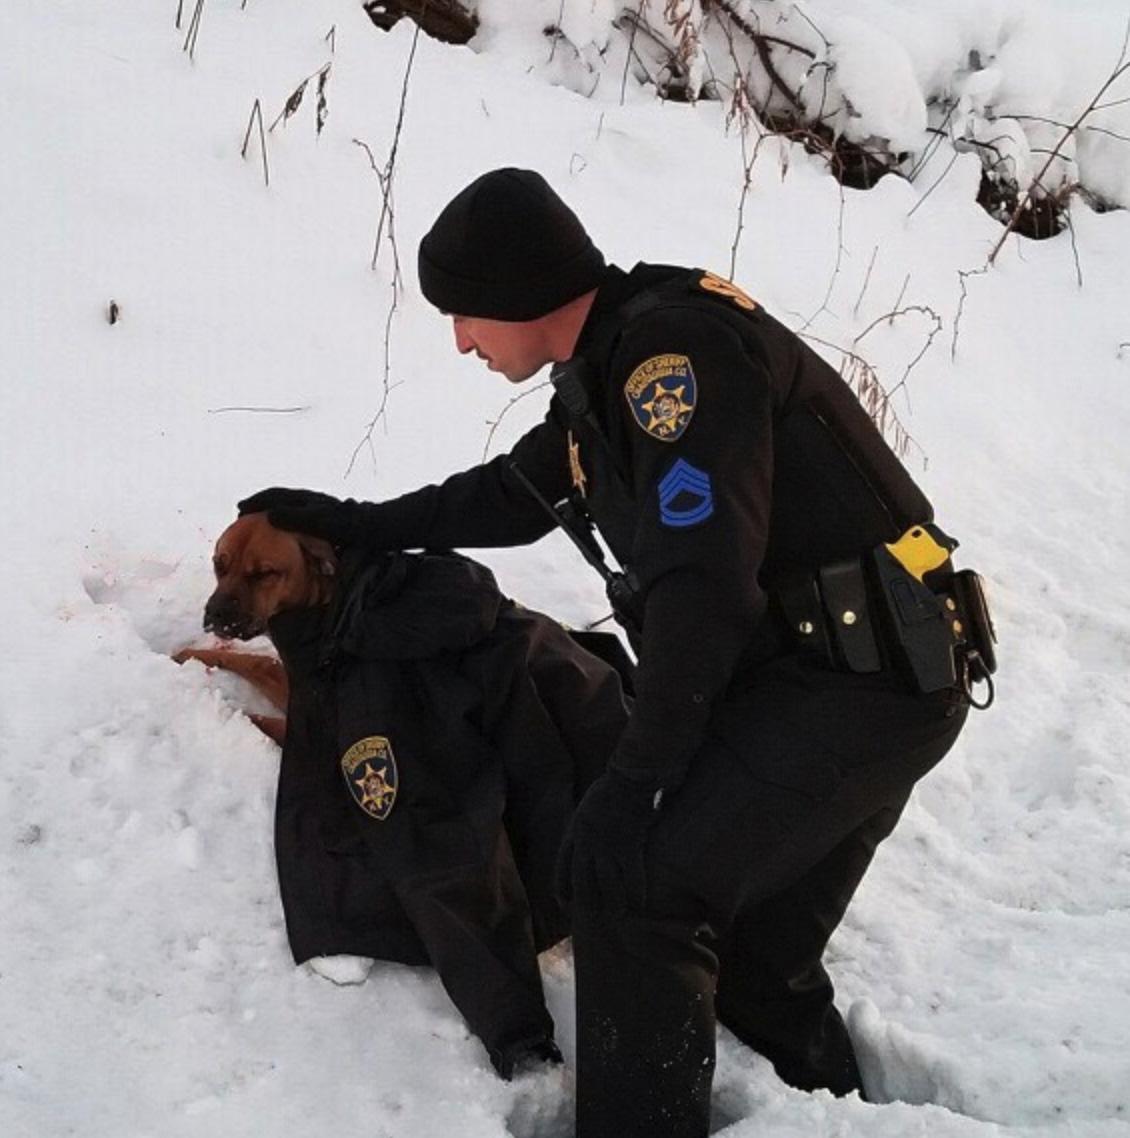 Policial abre mão do casaco cachorro